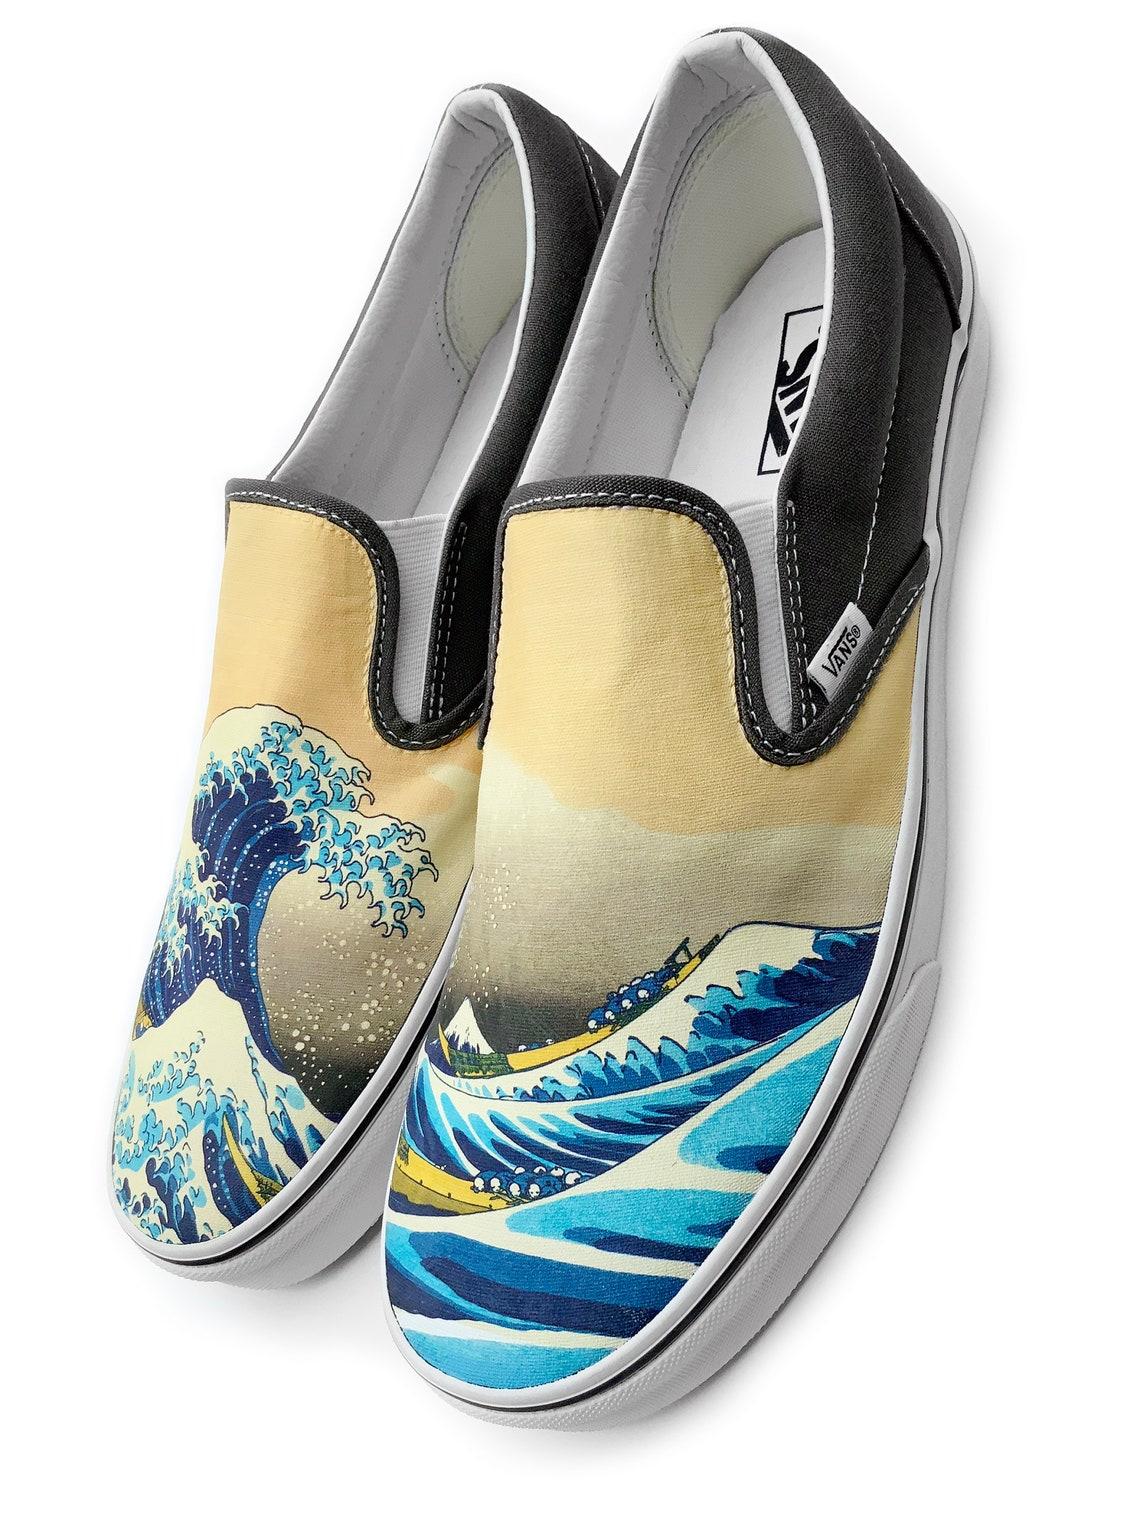 La grande onda Slip-on Custom Vans Brand Scarpe - Scarpe alla moda tvzvbdws Qg8rgI KveP5J